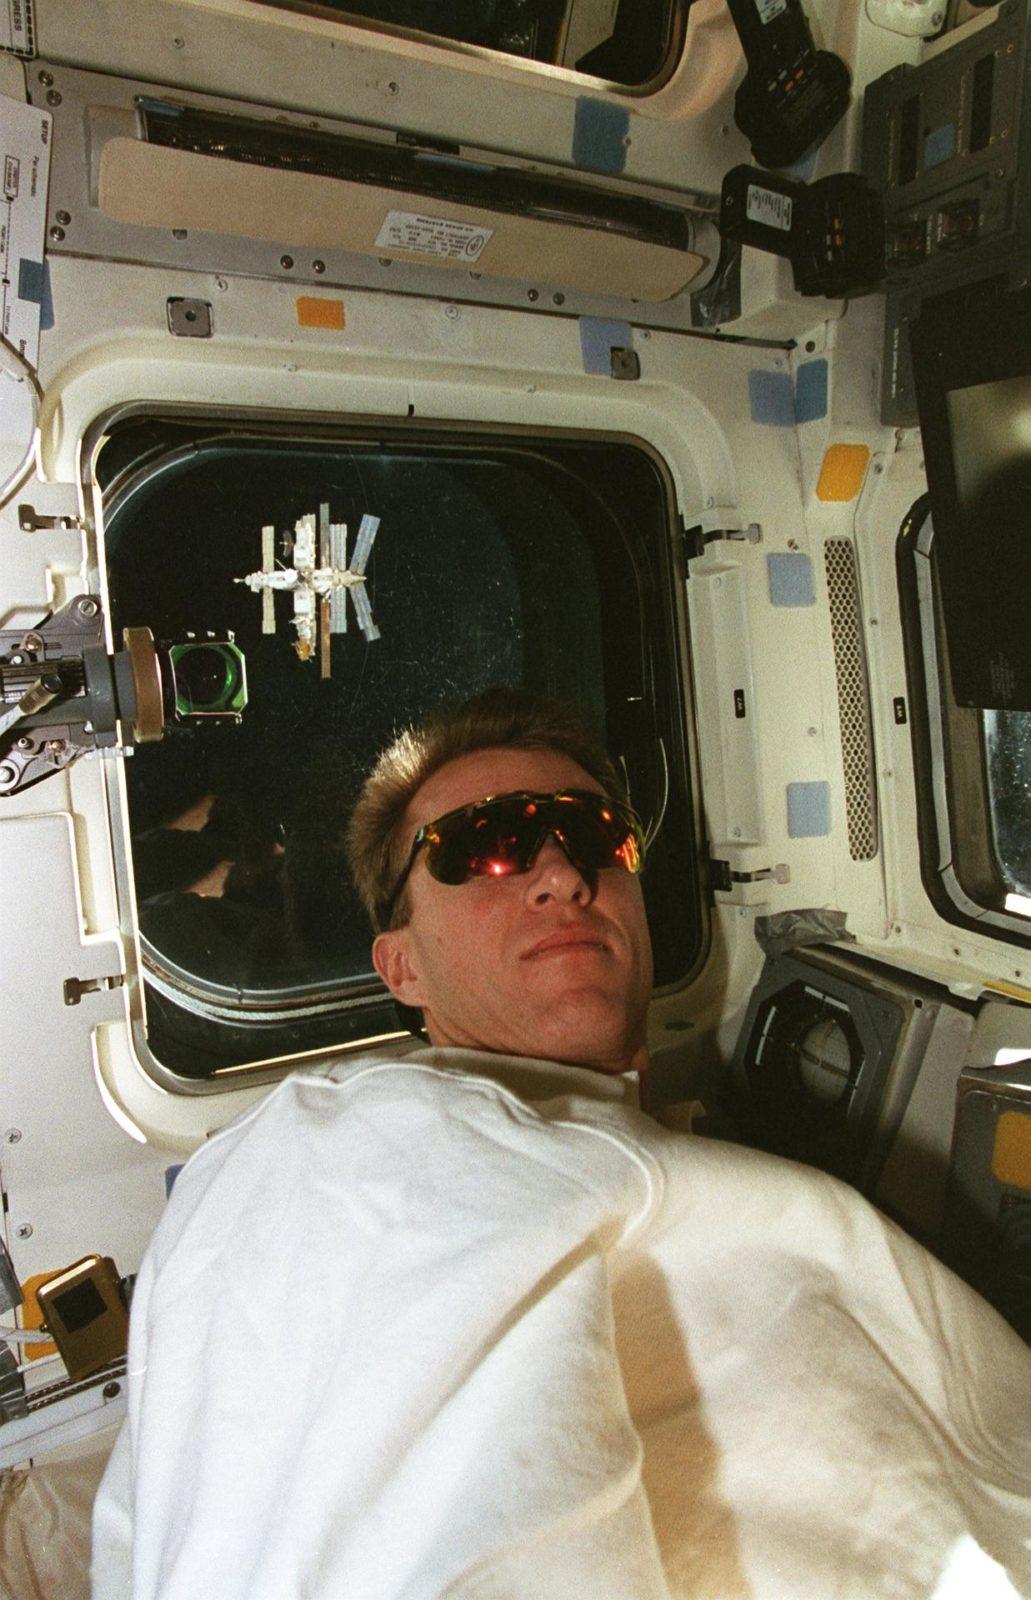 STS-81 pilot Jett on aft flight deck during approach to Mir